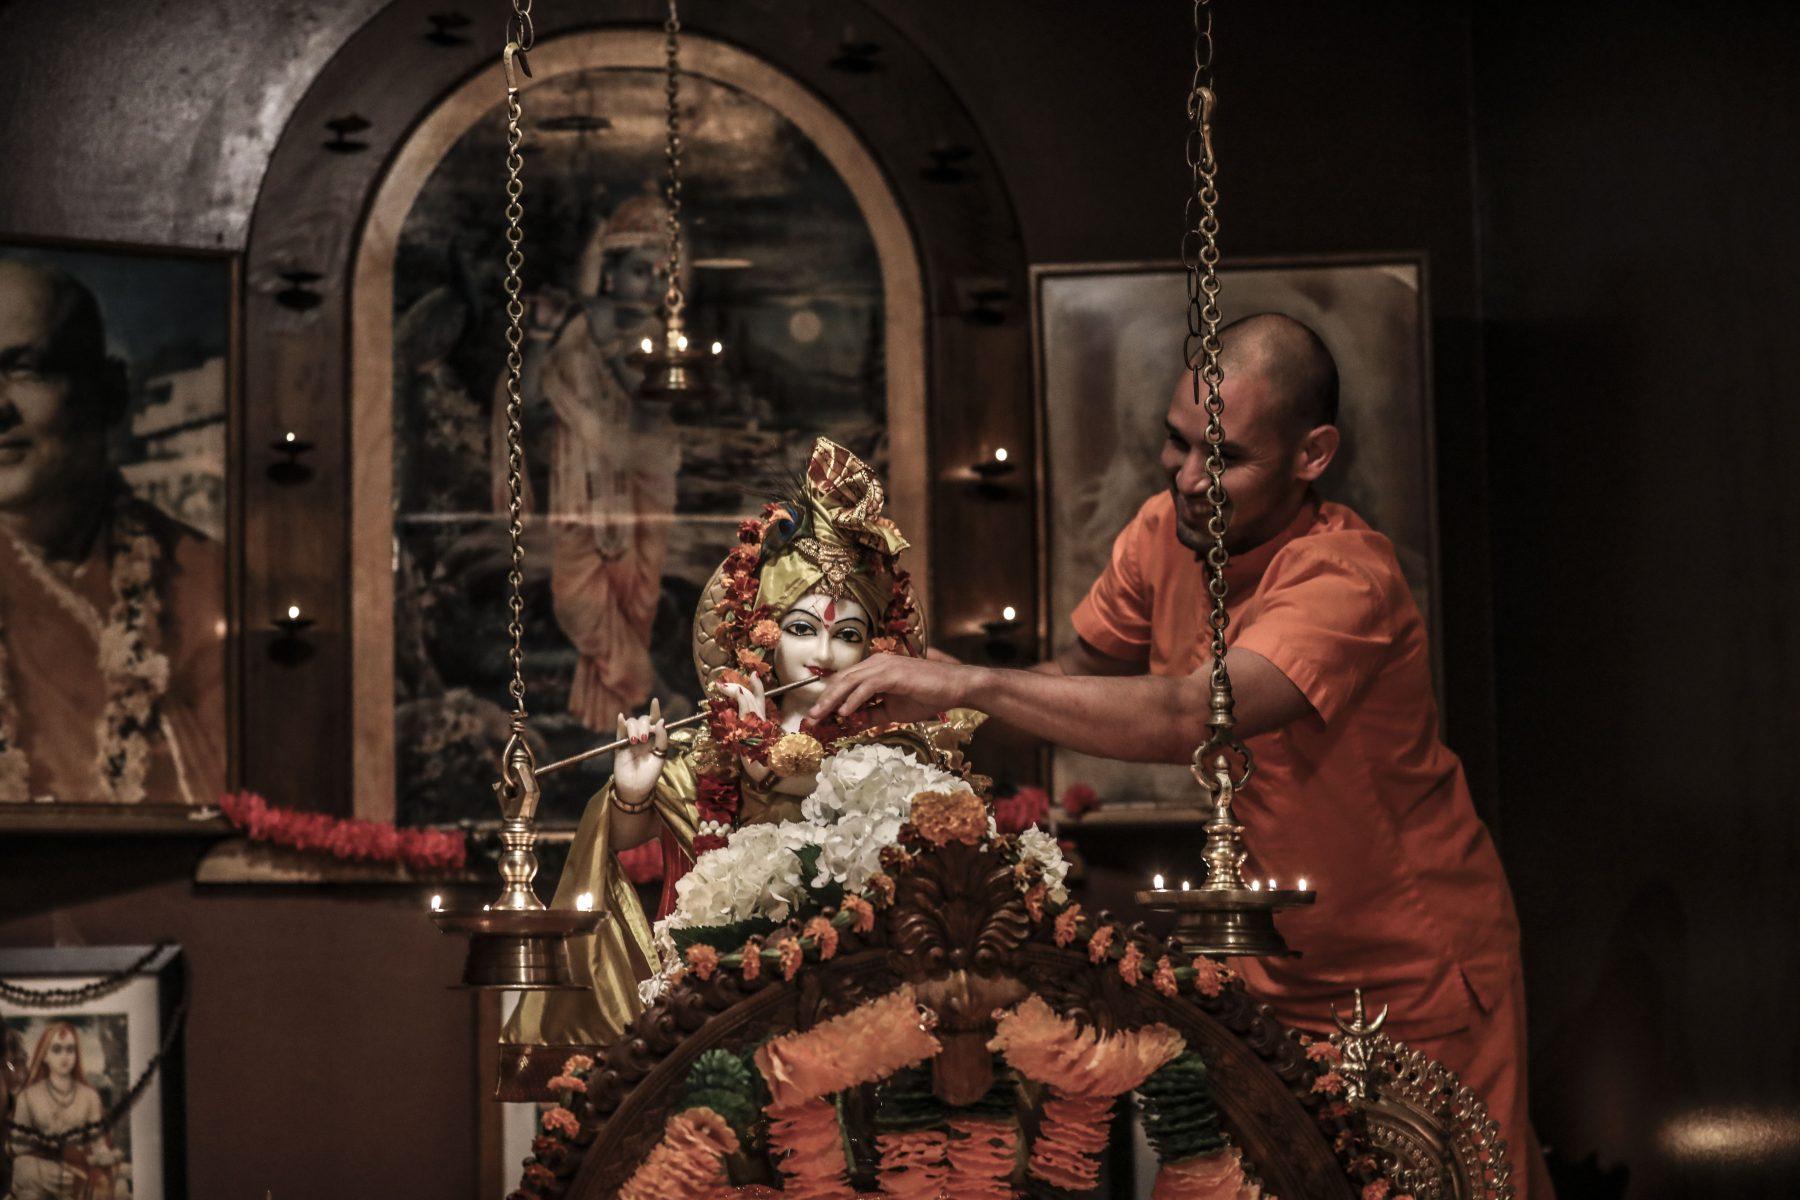 Krishna Jayanti at the Sivananda Yoga Ranch